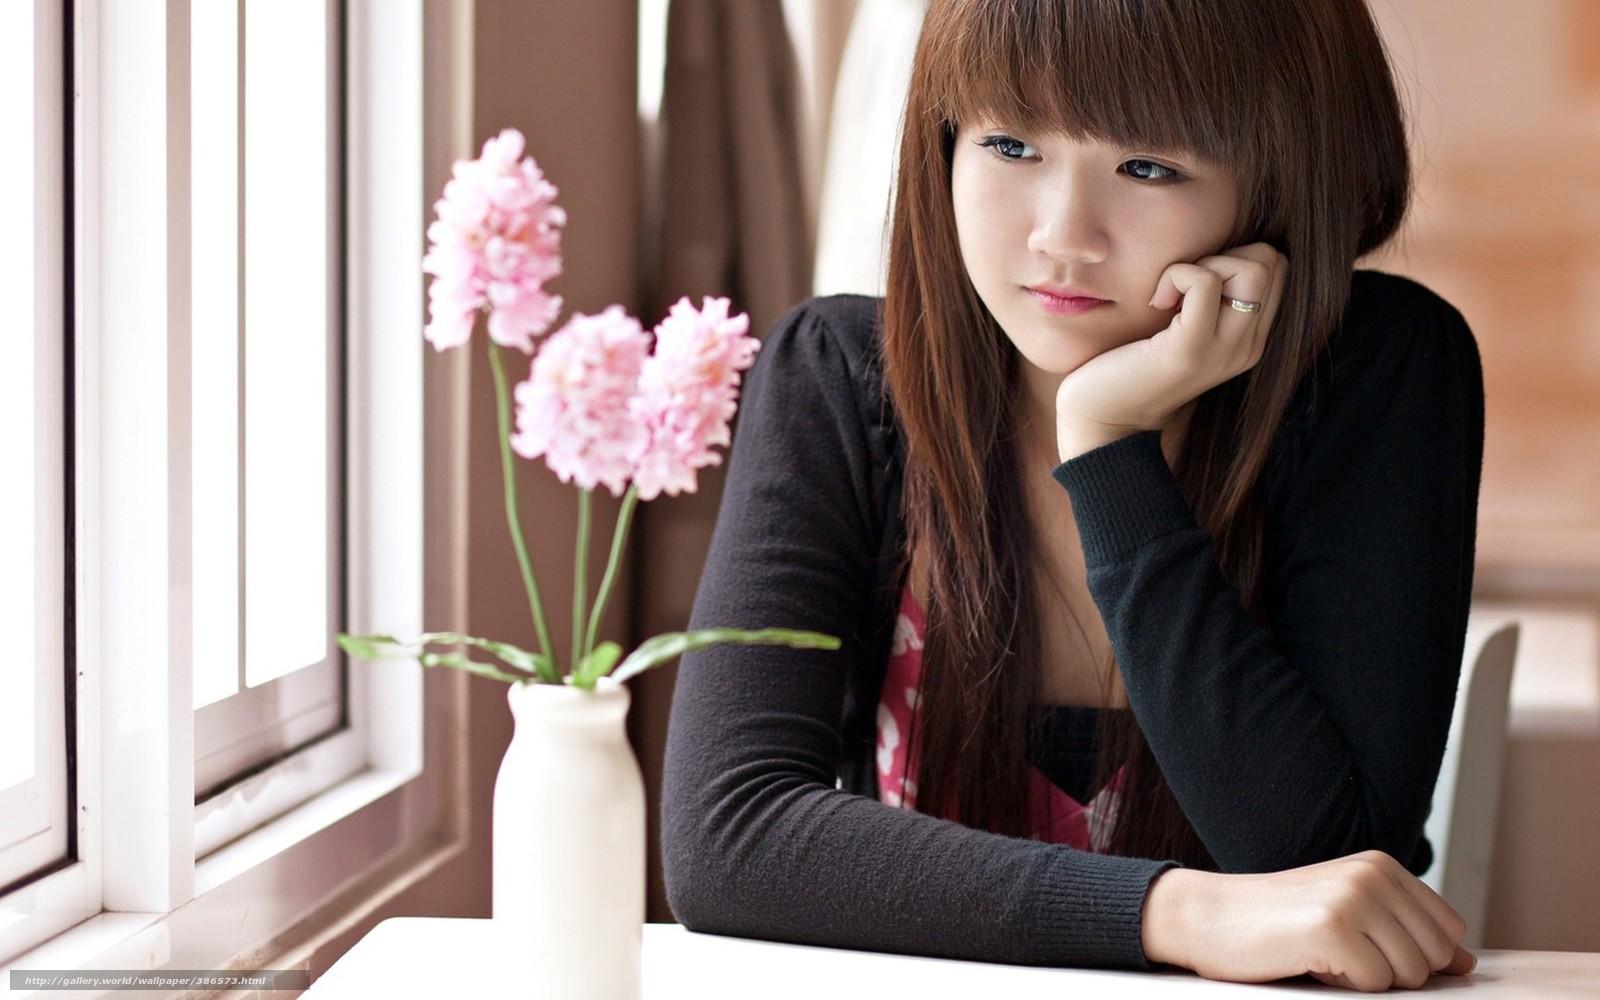 Смотреть азиатских девушек 23 фотография